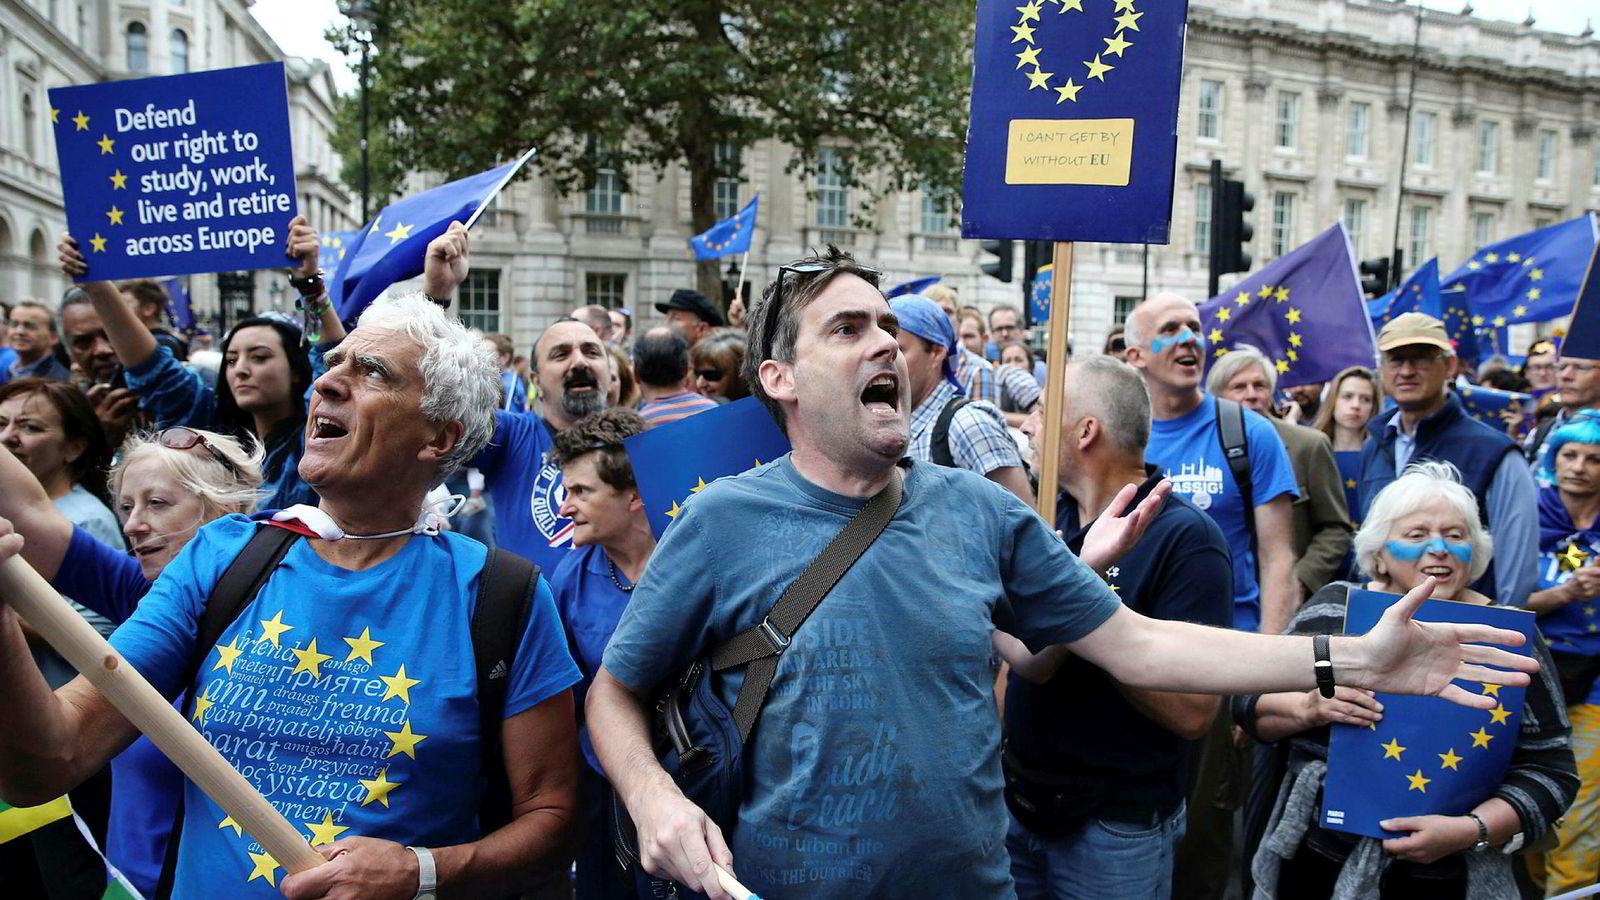 I sitt sekstiende år står EU nå overfor sin hittil dypeste krise. Et av de største medlemslandene vil ut, det er ustabilitet rundt euroen og EU-skeptiske partier har fremgang i de fleste land, skriver artikkelforfatteren. Her demonstrerer motstandere av brexit i London.